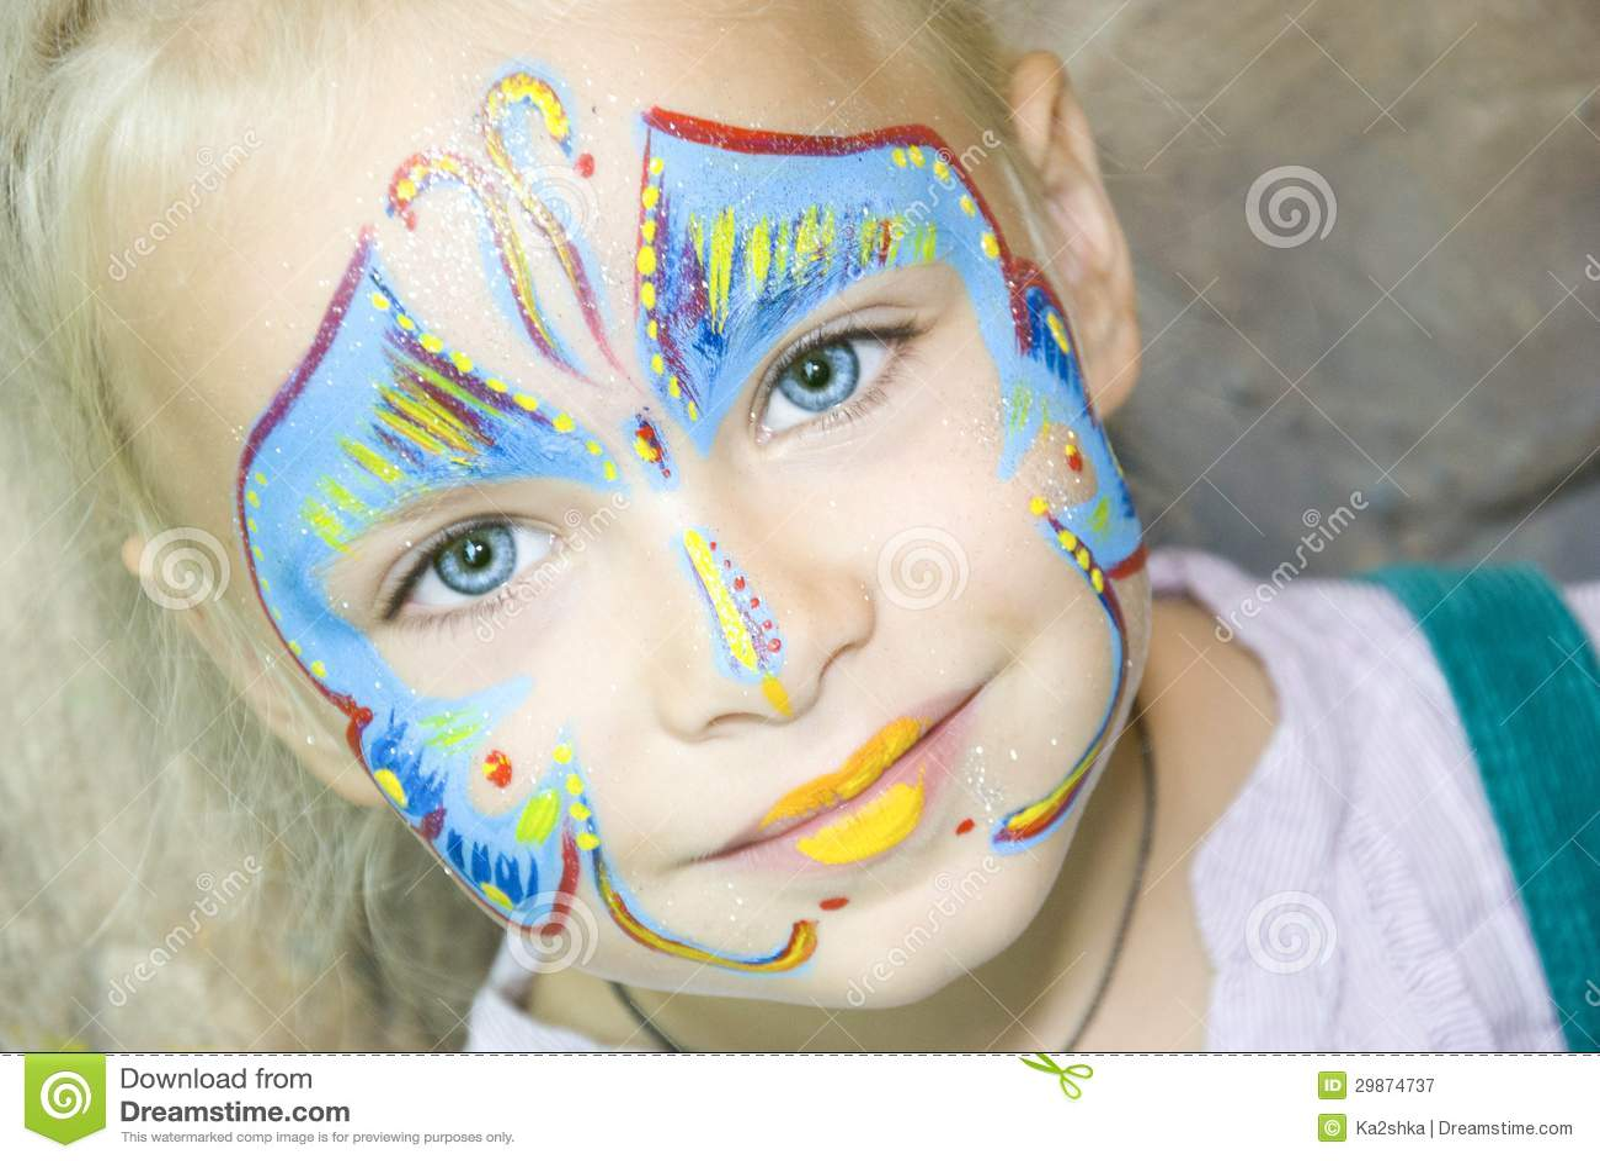 Peinture de visage photographie stock libre de droits image 29874737 - Peinture sur visage ...